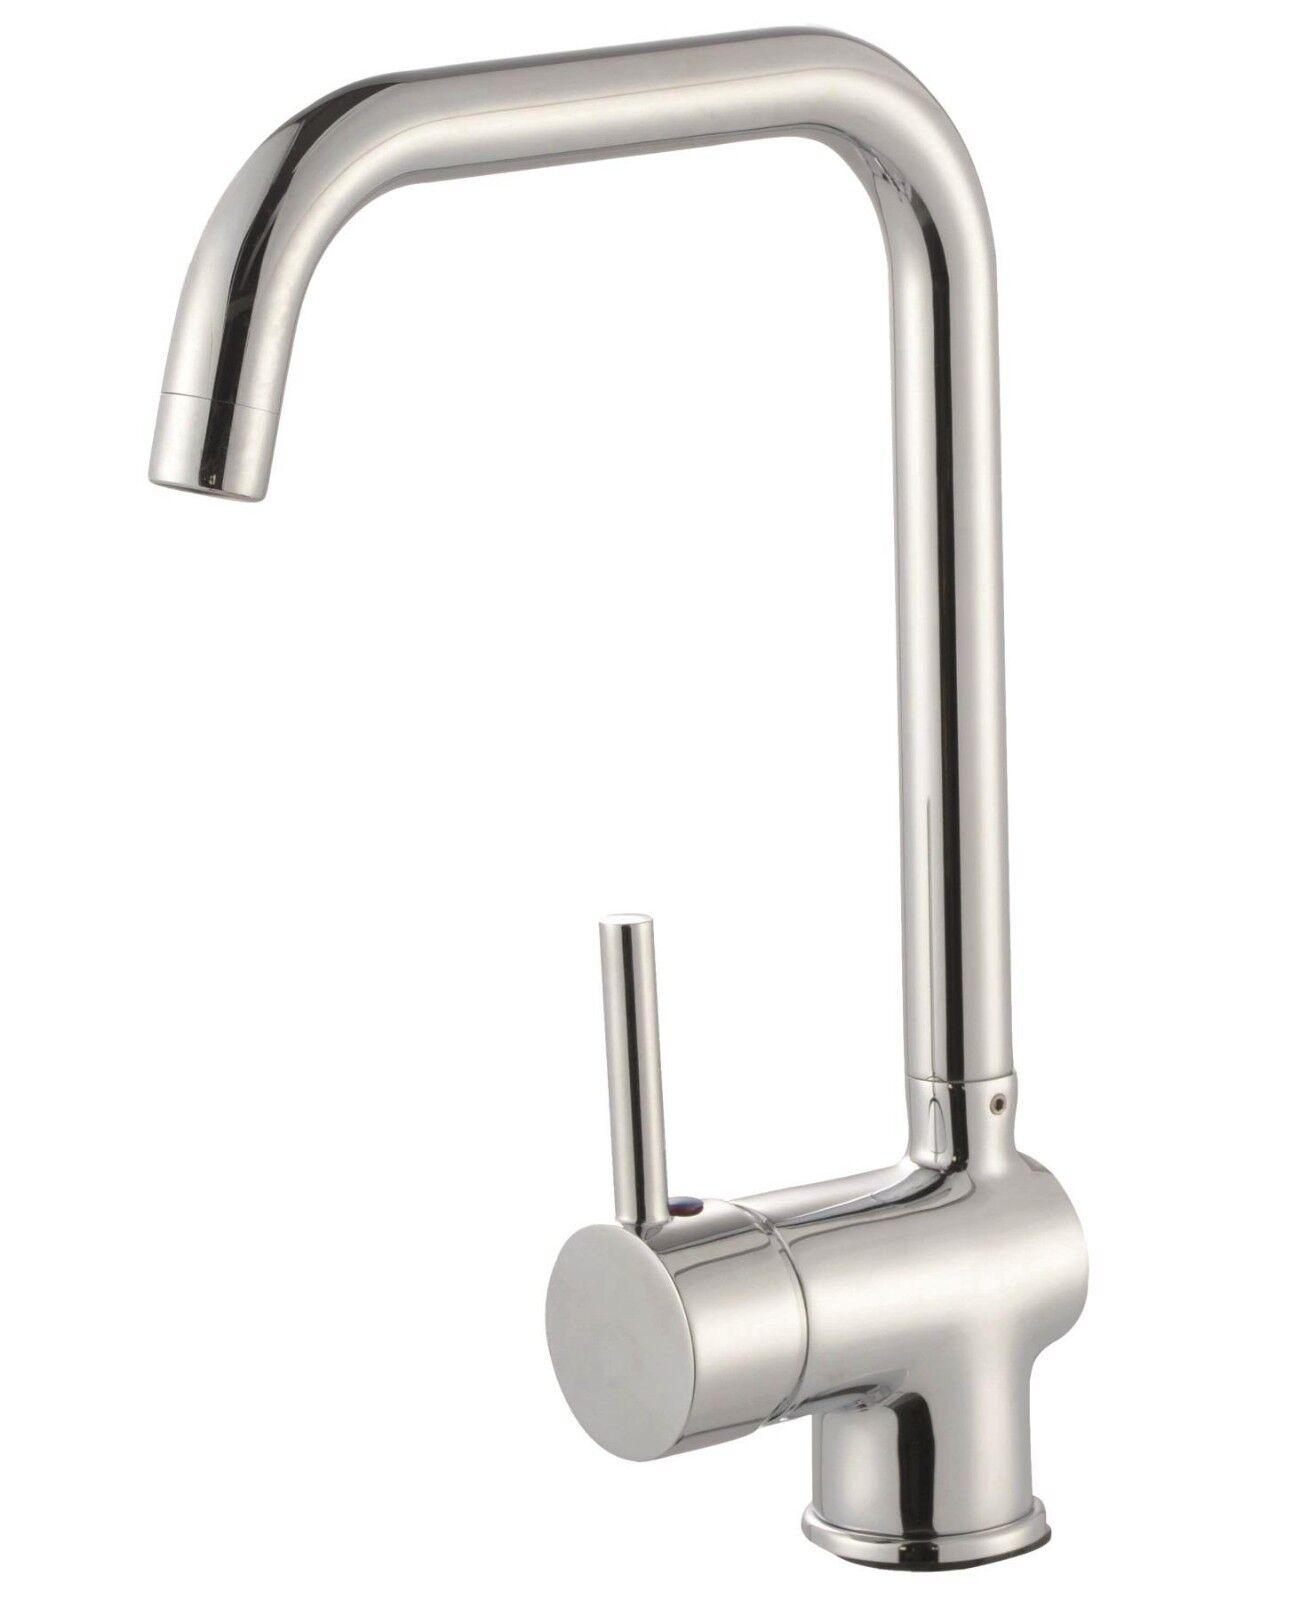 EISL FUTURA Niederdruck Spültisch-Einhebelmischer Küchenarmatur Wasserhahn